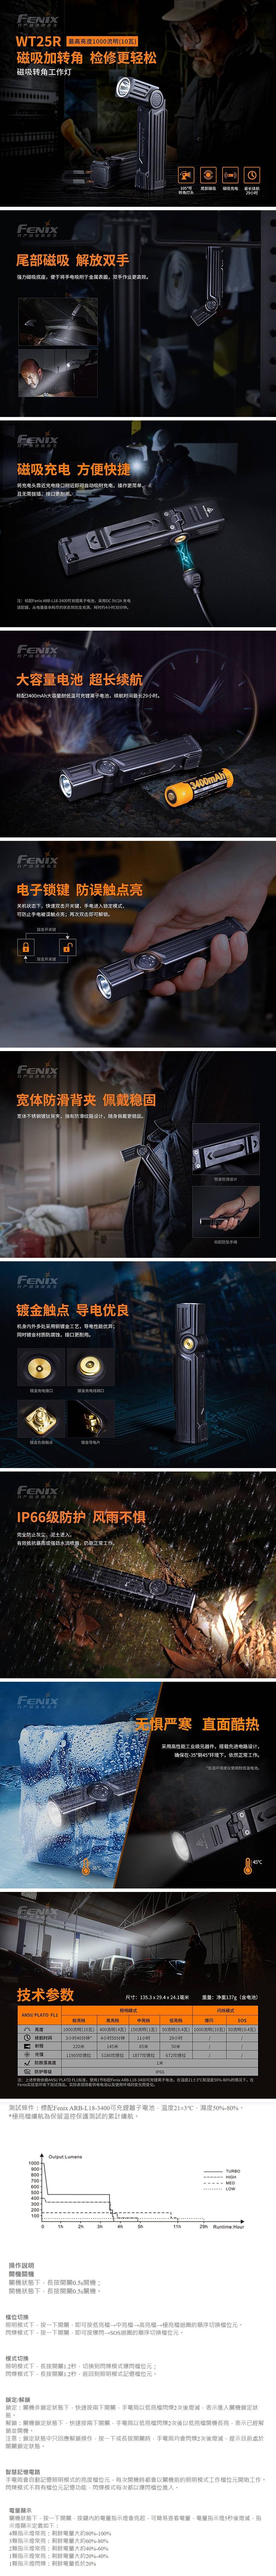 【錸特光電】FENIX WT25R 磁吸轉角工作燈 1000流明 RECHARGEABLE PIVOTING WORK LIGHT 台灣現貨 實體店面